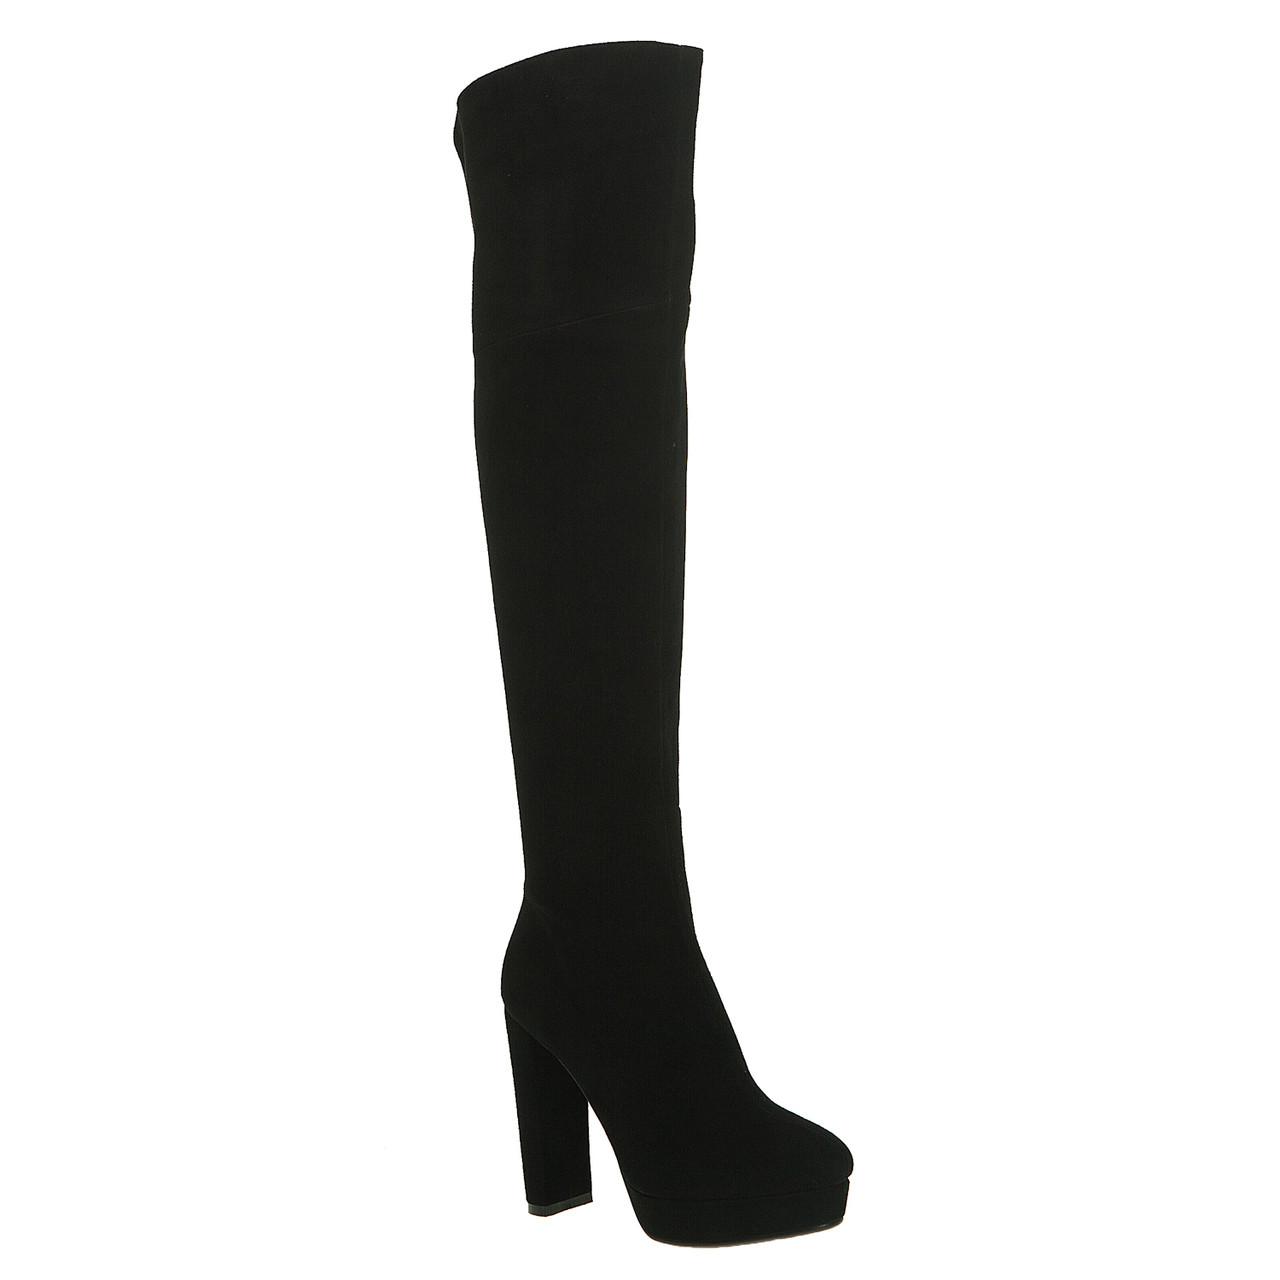 Ботфорты женские Brocoli (черные, замшевые, изысканные, стильные)